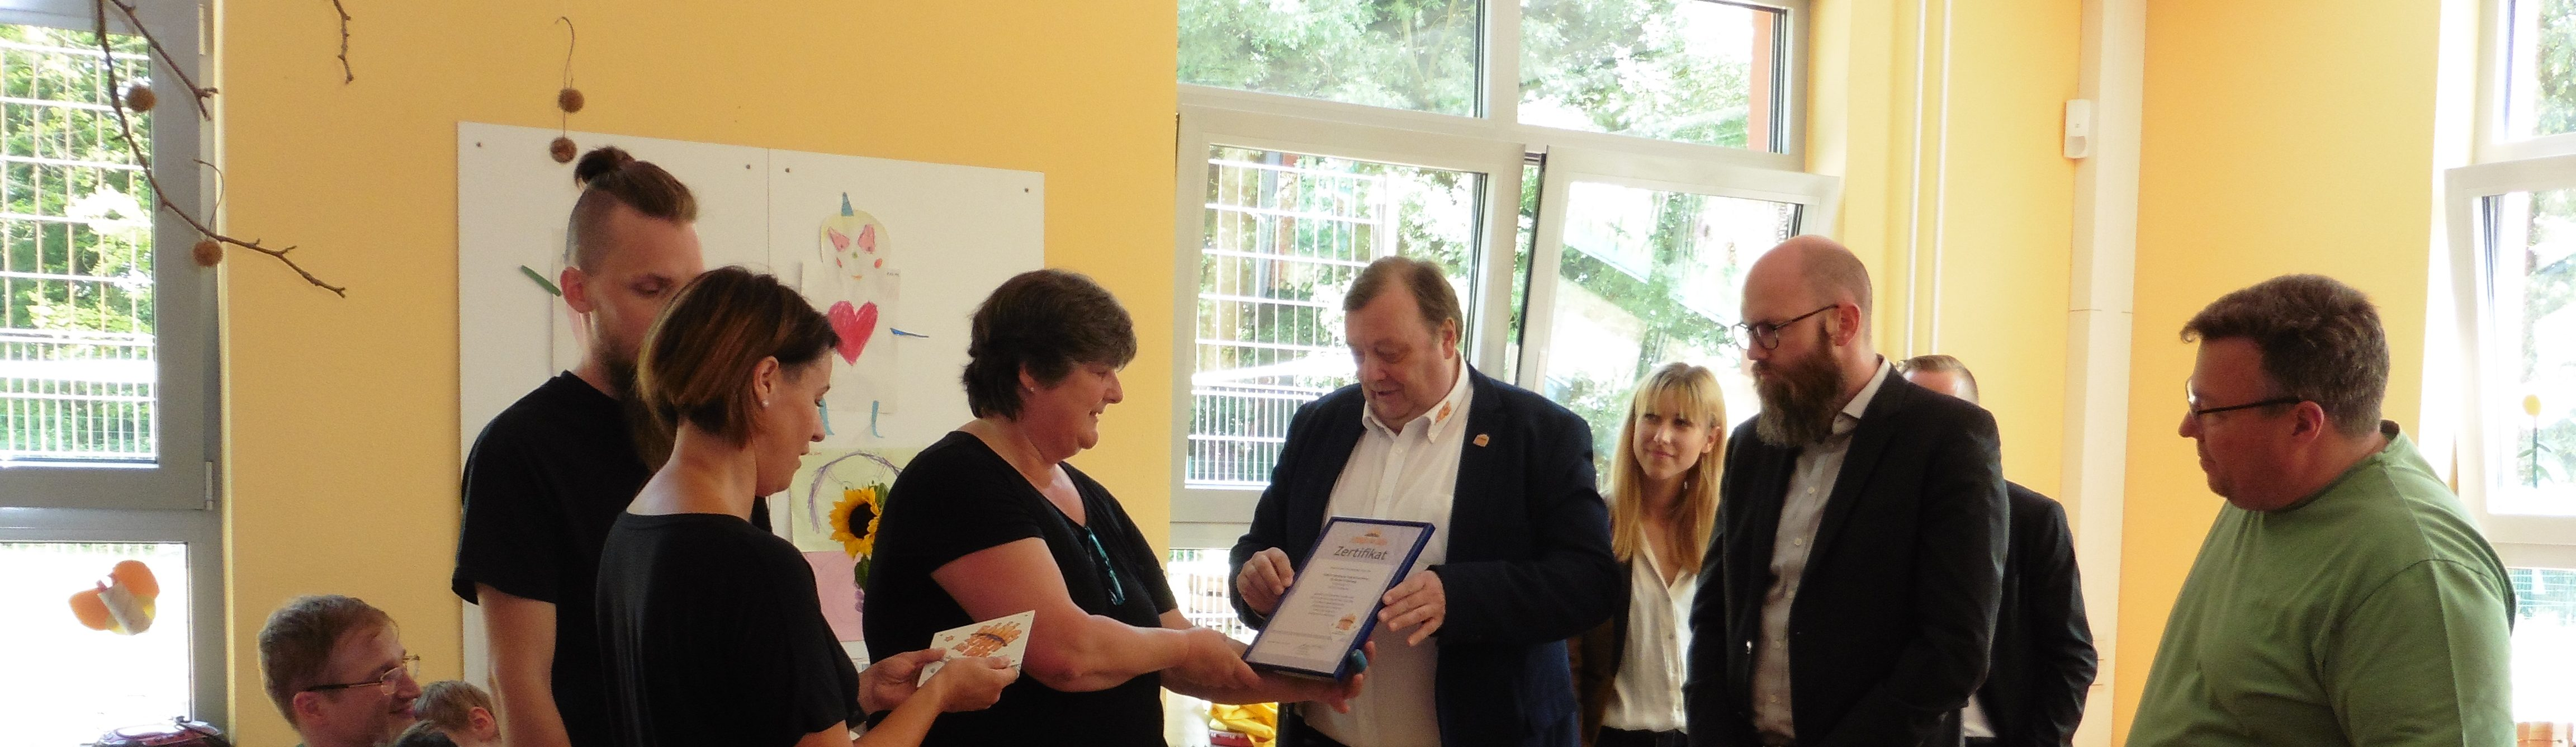 Das FABIDO Familienzentrum Fröbelweg erhält SfK-Zertifikat